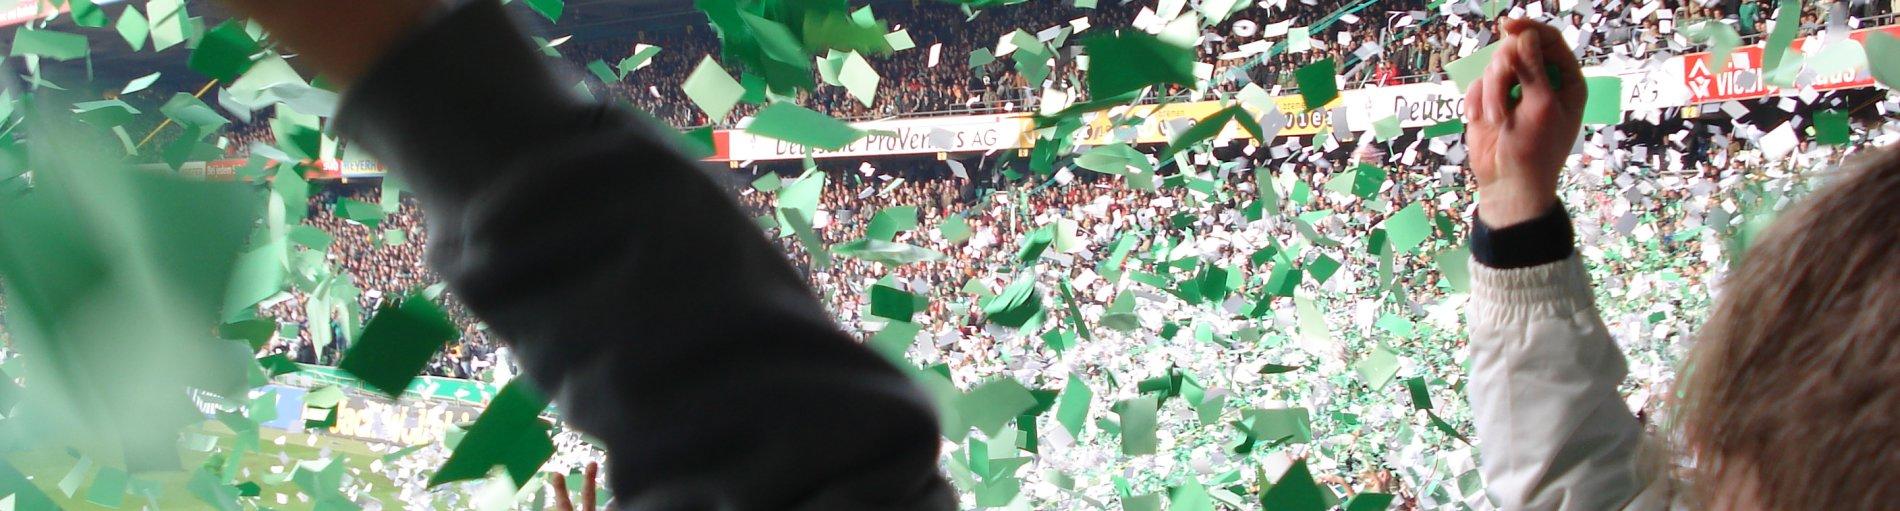 Werder Bremen im Weser-Stadion - Tipps rund ums Spiel